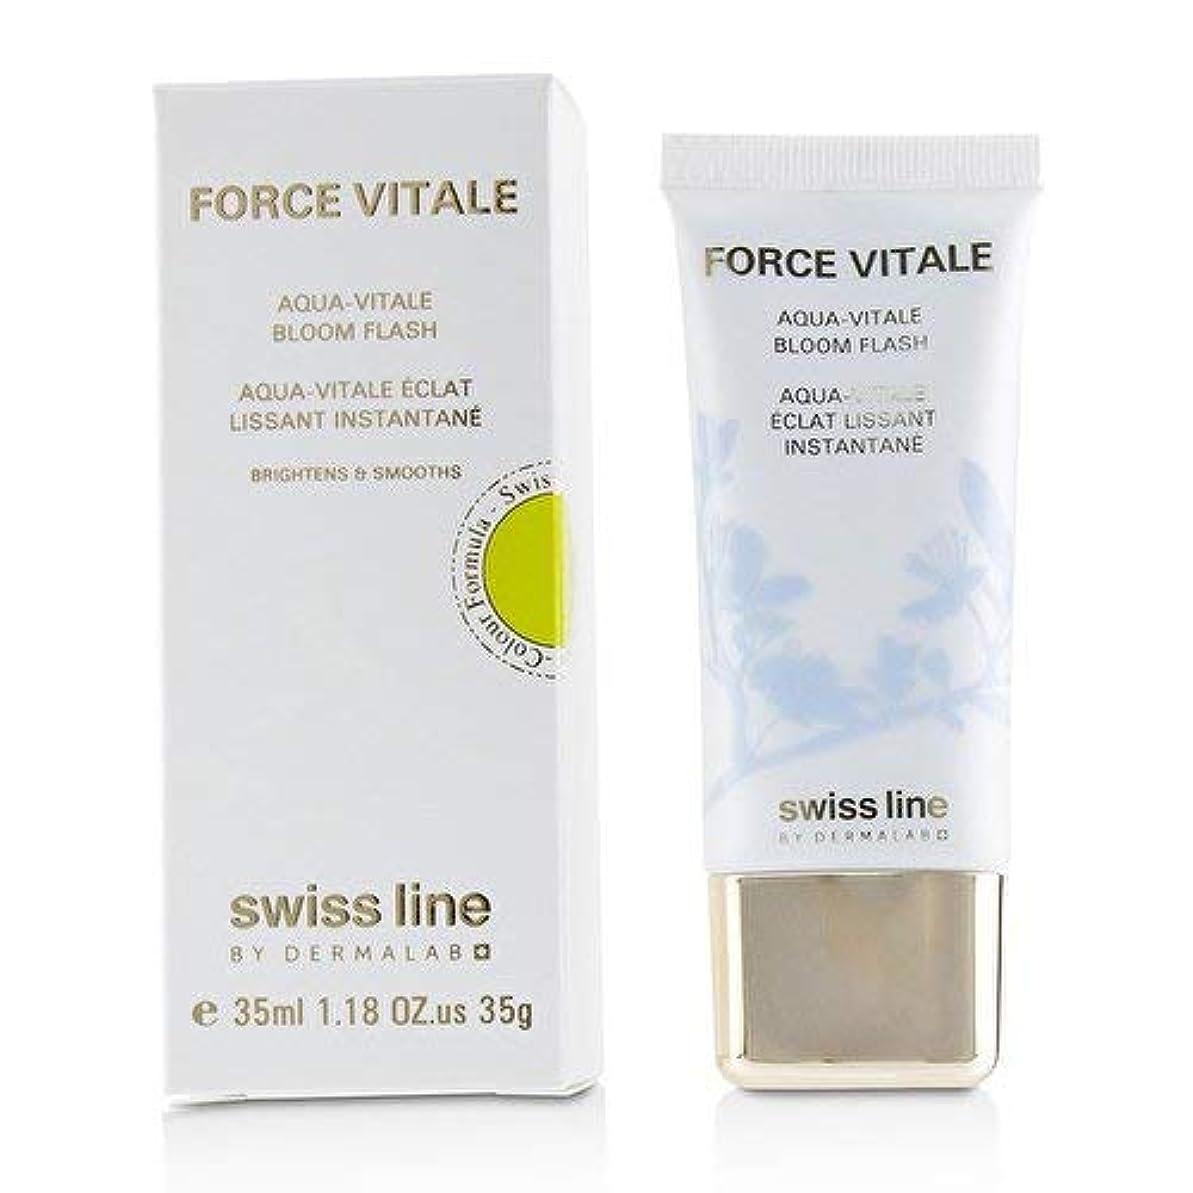 スクラップブック折る含めるスイスライン Force Vitale Aqua-Vitale Bloom Flash 35ml並行輸入品